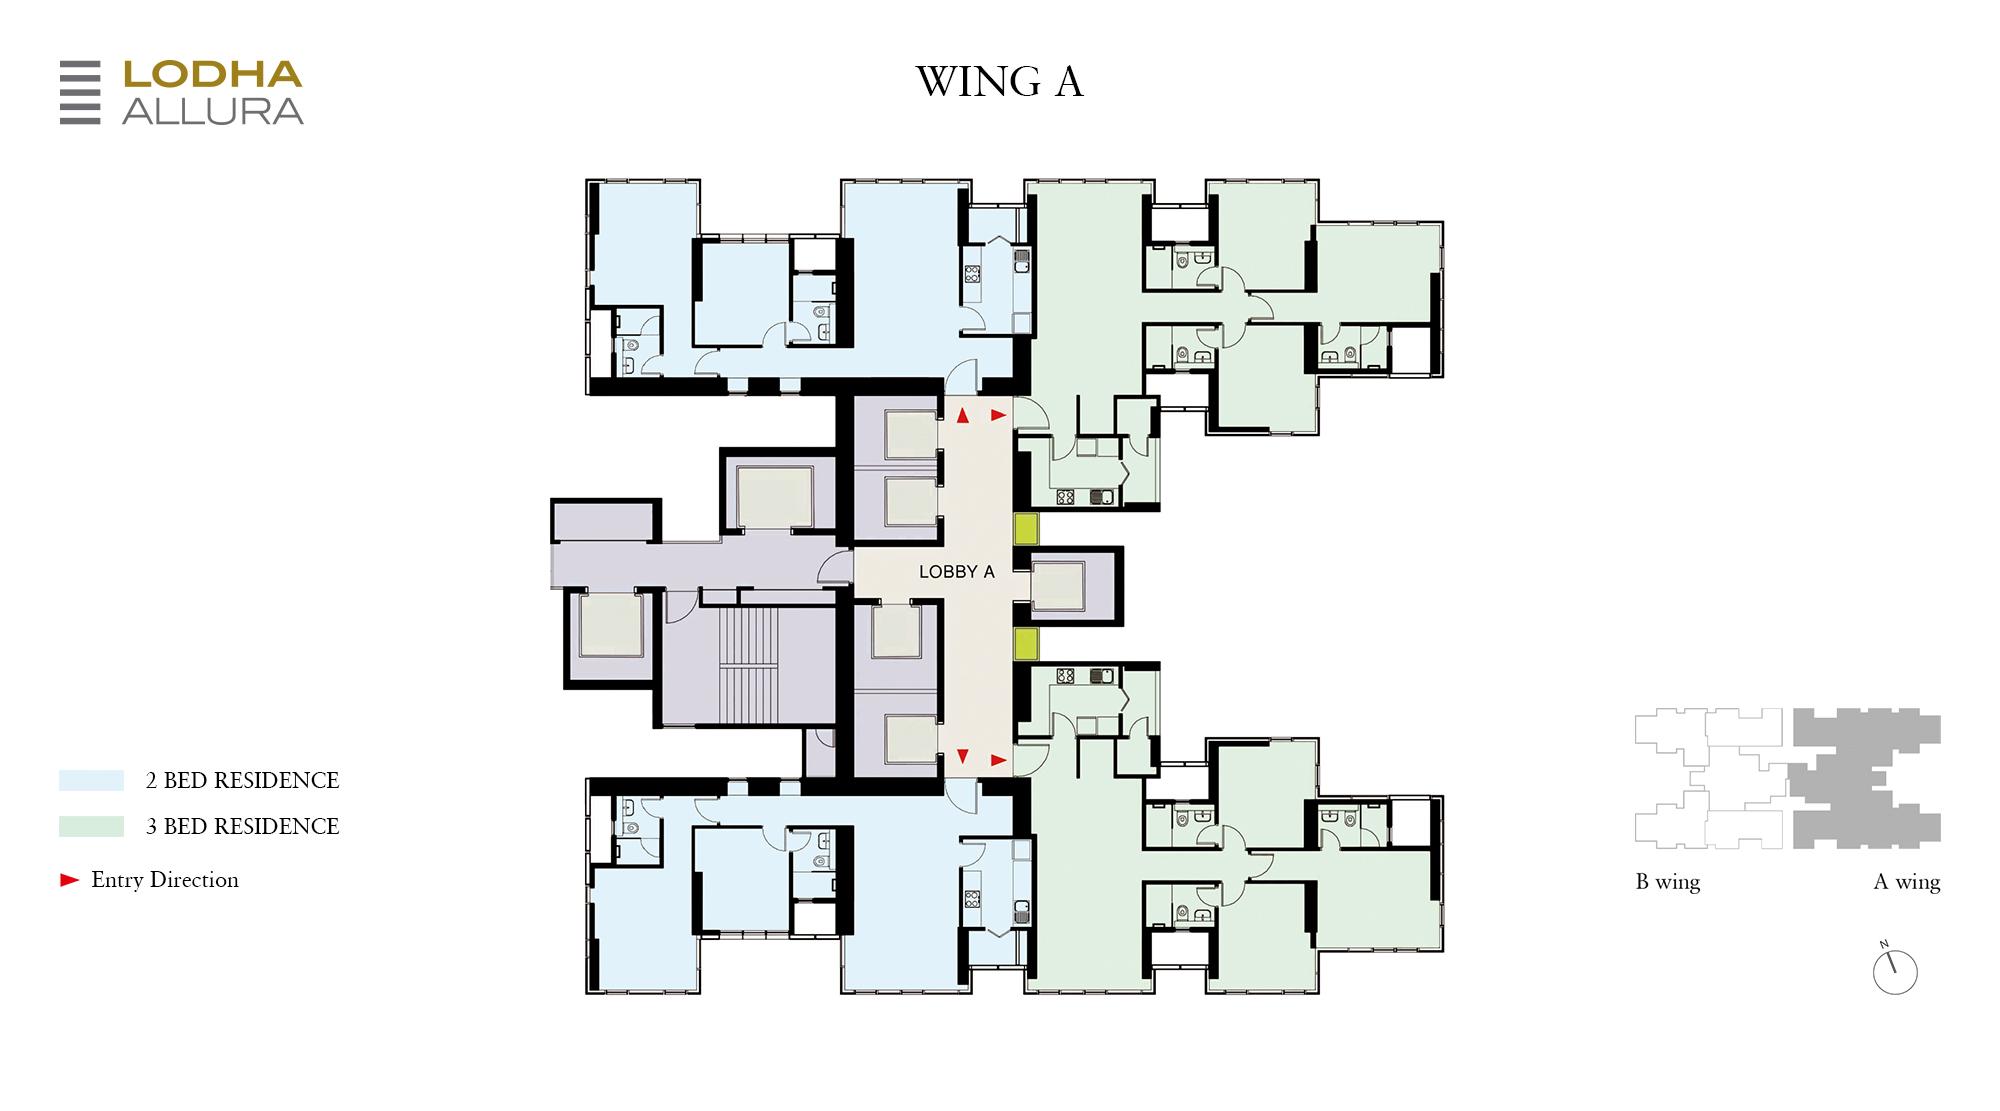 Allura - A Wing Floor Plan